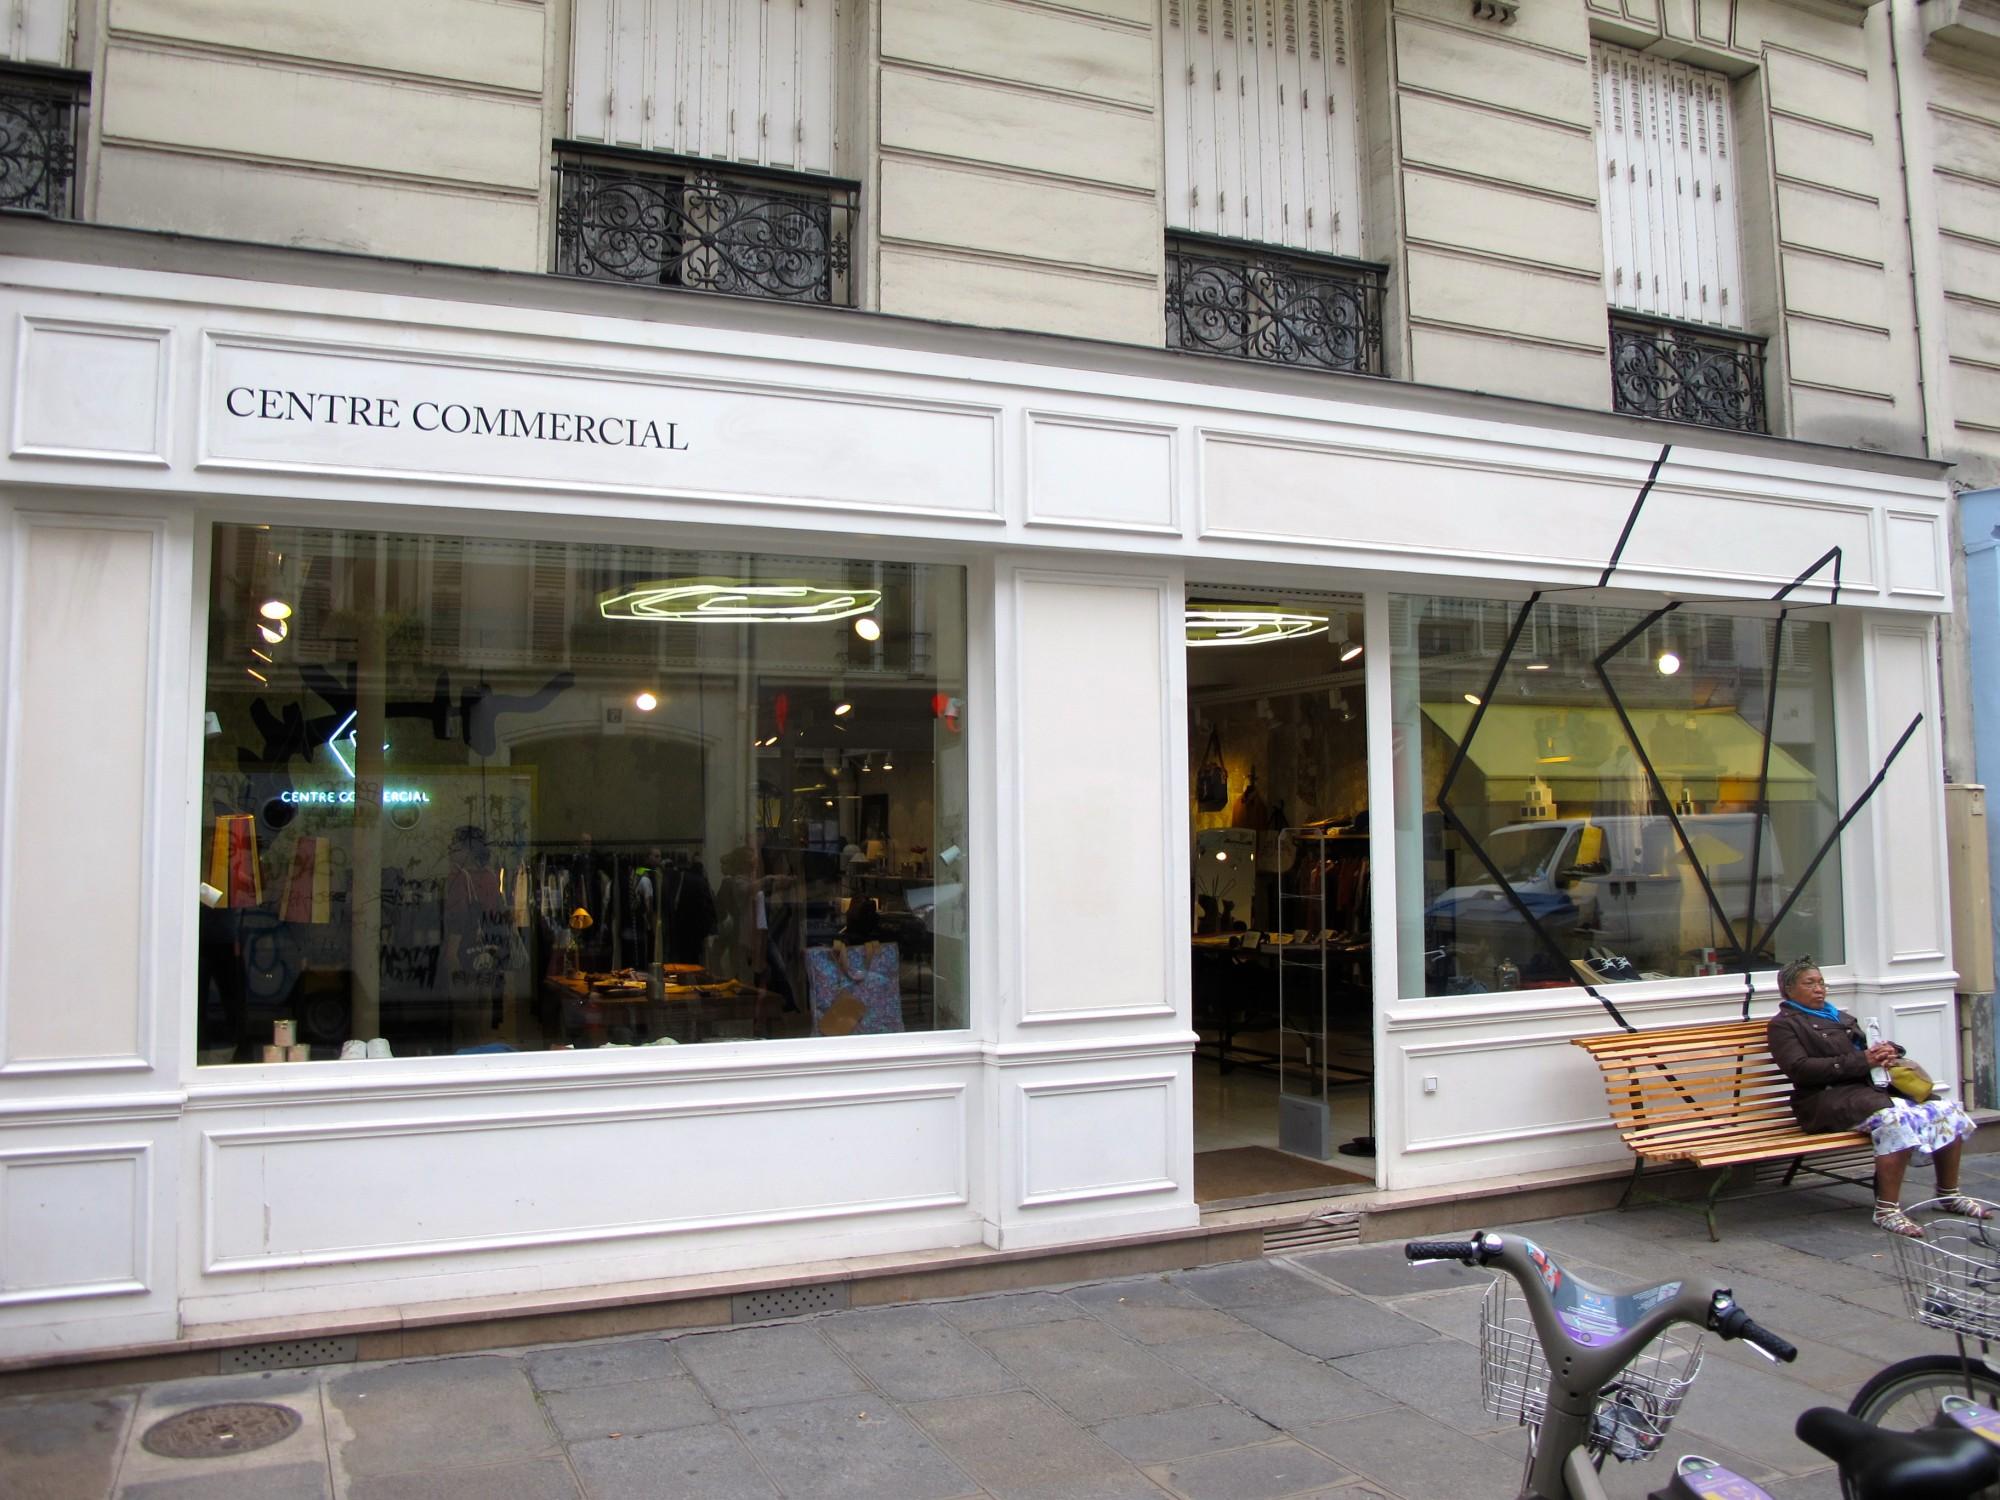 rue de marseille centre commercial the parisienne